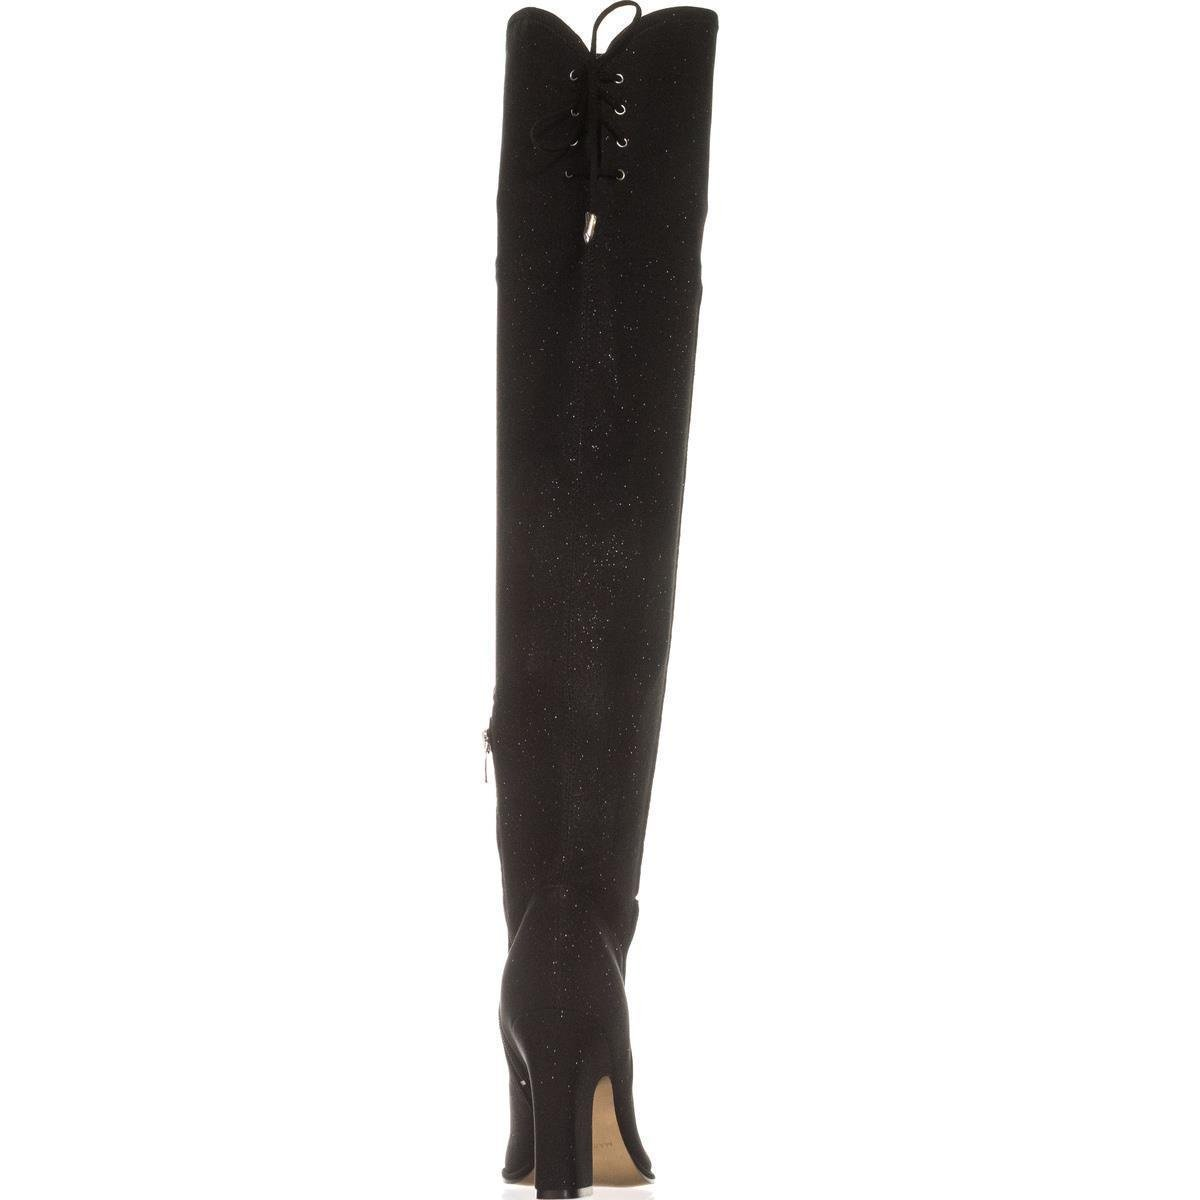 Marc Fisher Frauen Neela 2 Geschlossener Zeh Zeh Zeh Fashion Stiefel 8cbbea